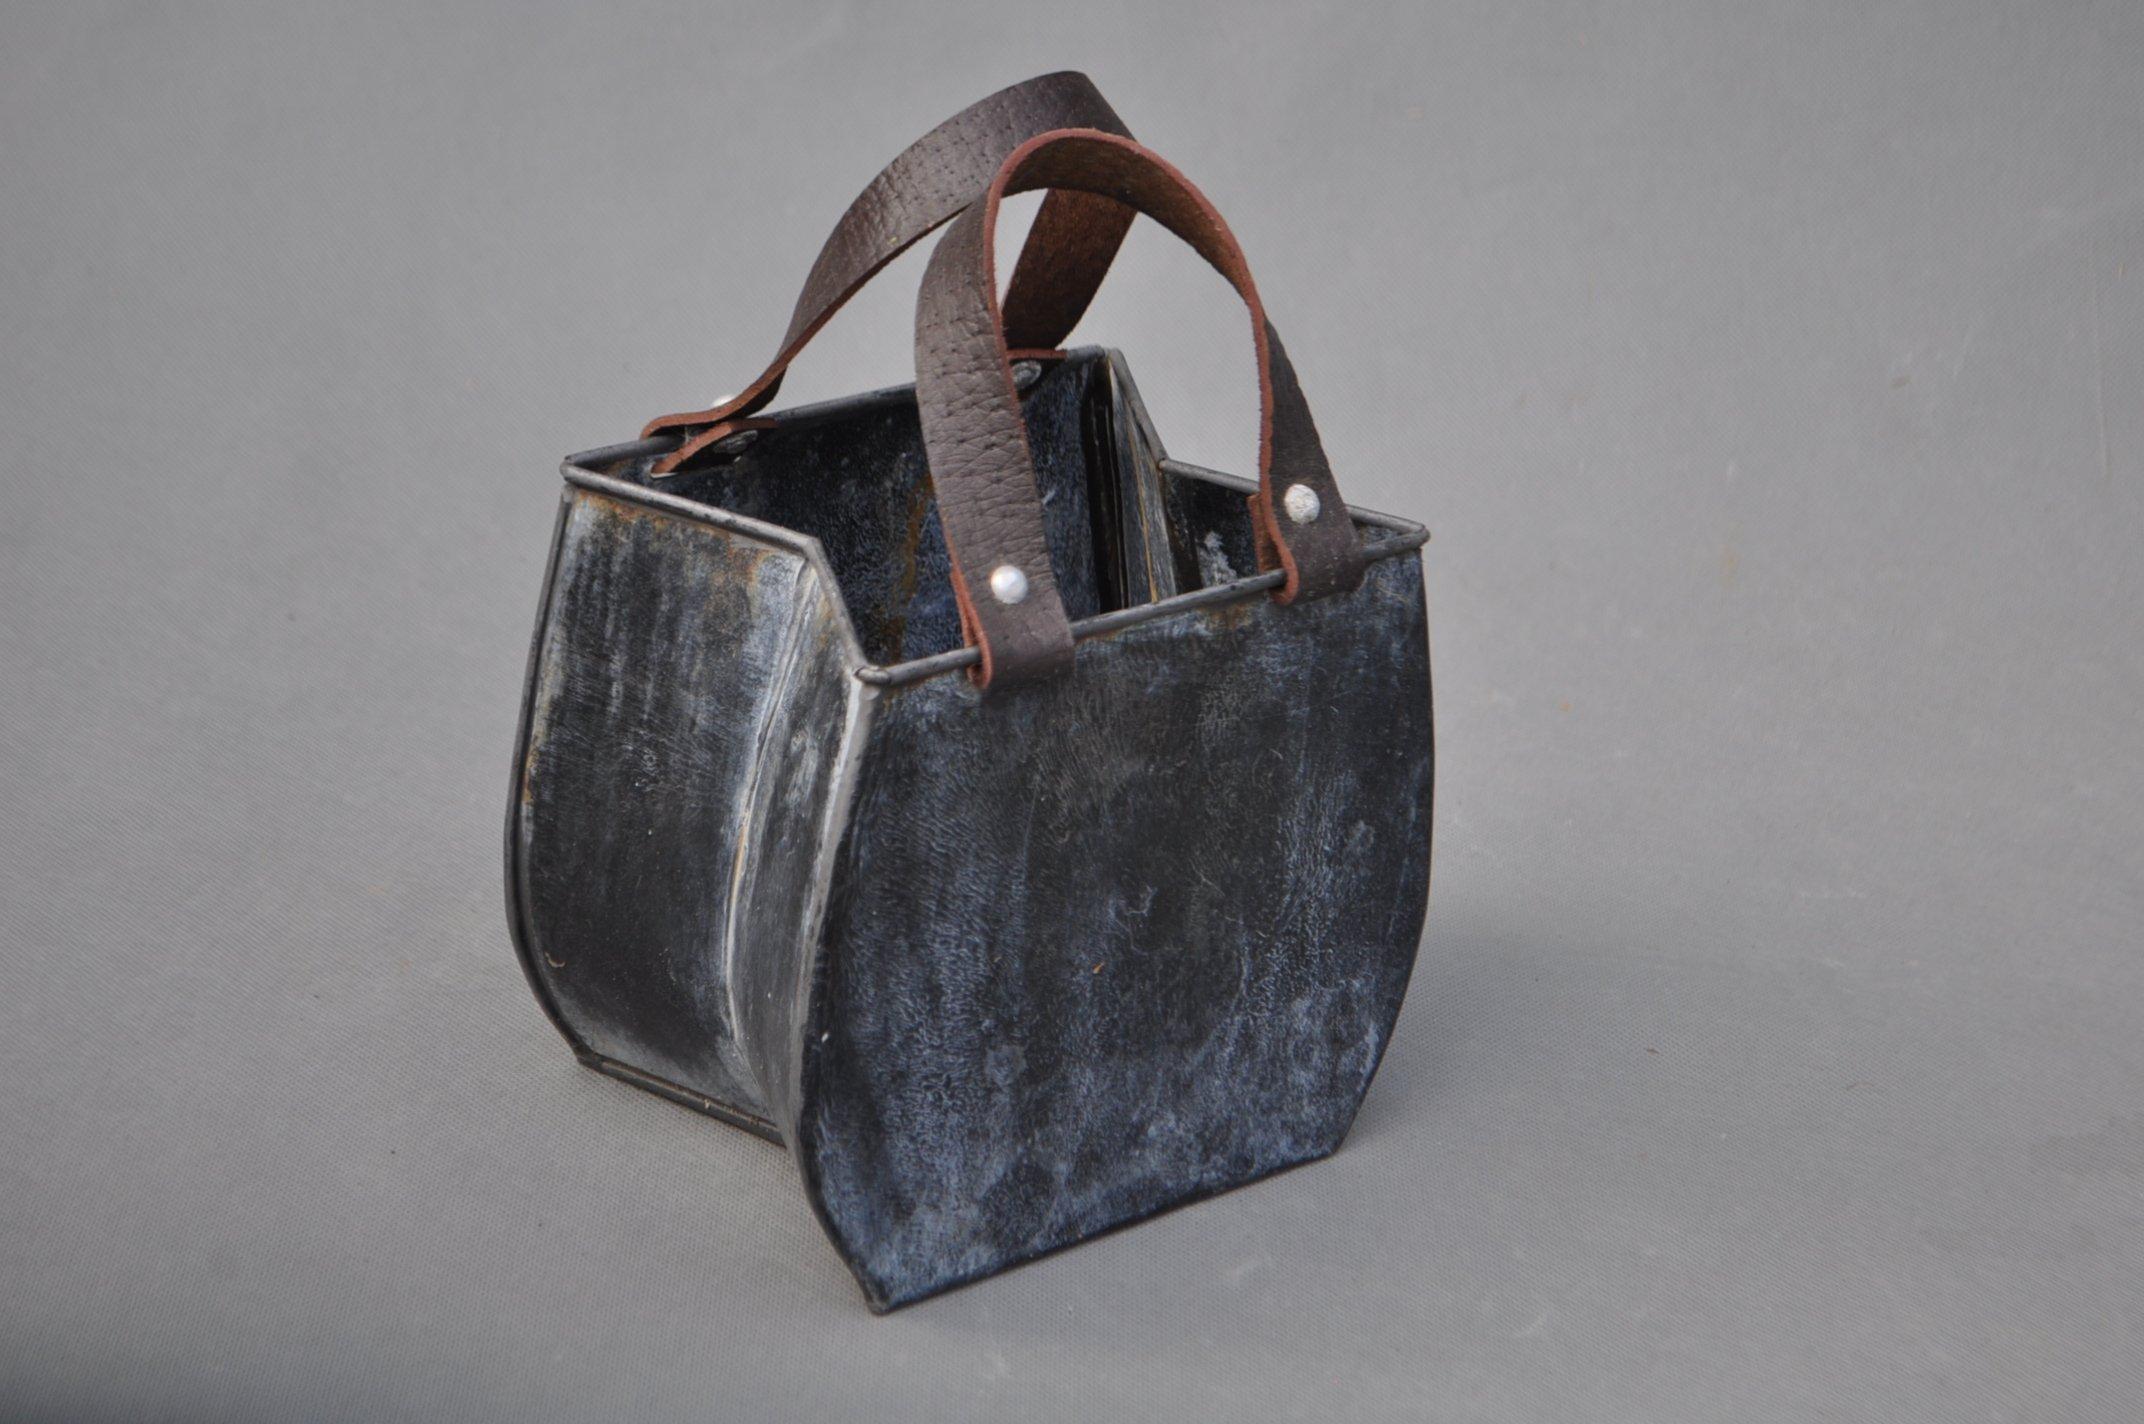 bf61d9067b3bd osłonka metalowa torebka torba - 6587664658 - oficjalne archiwum allegro